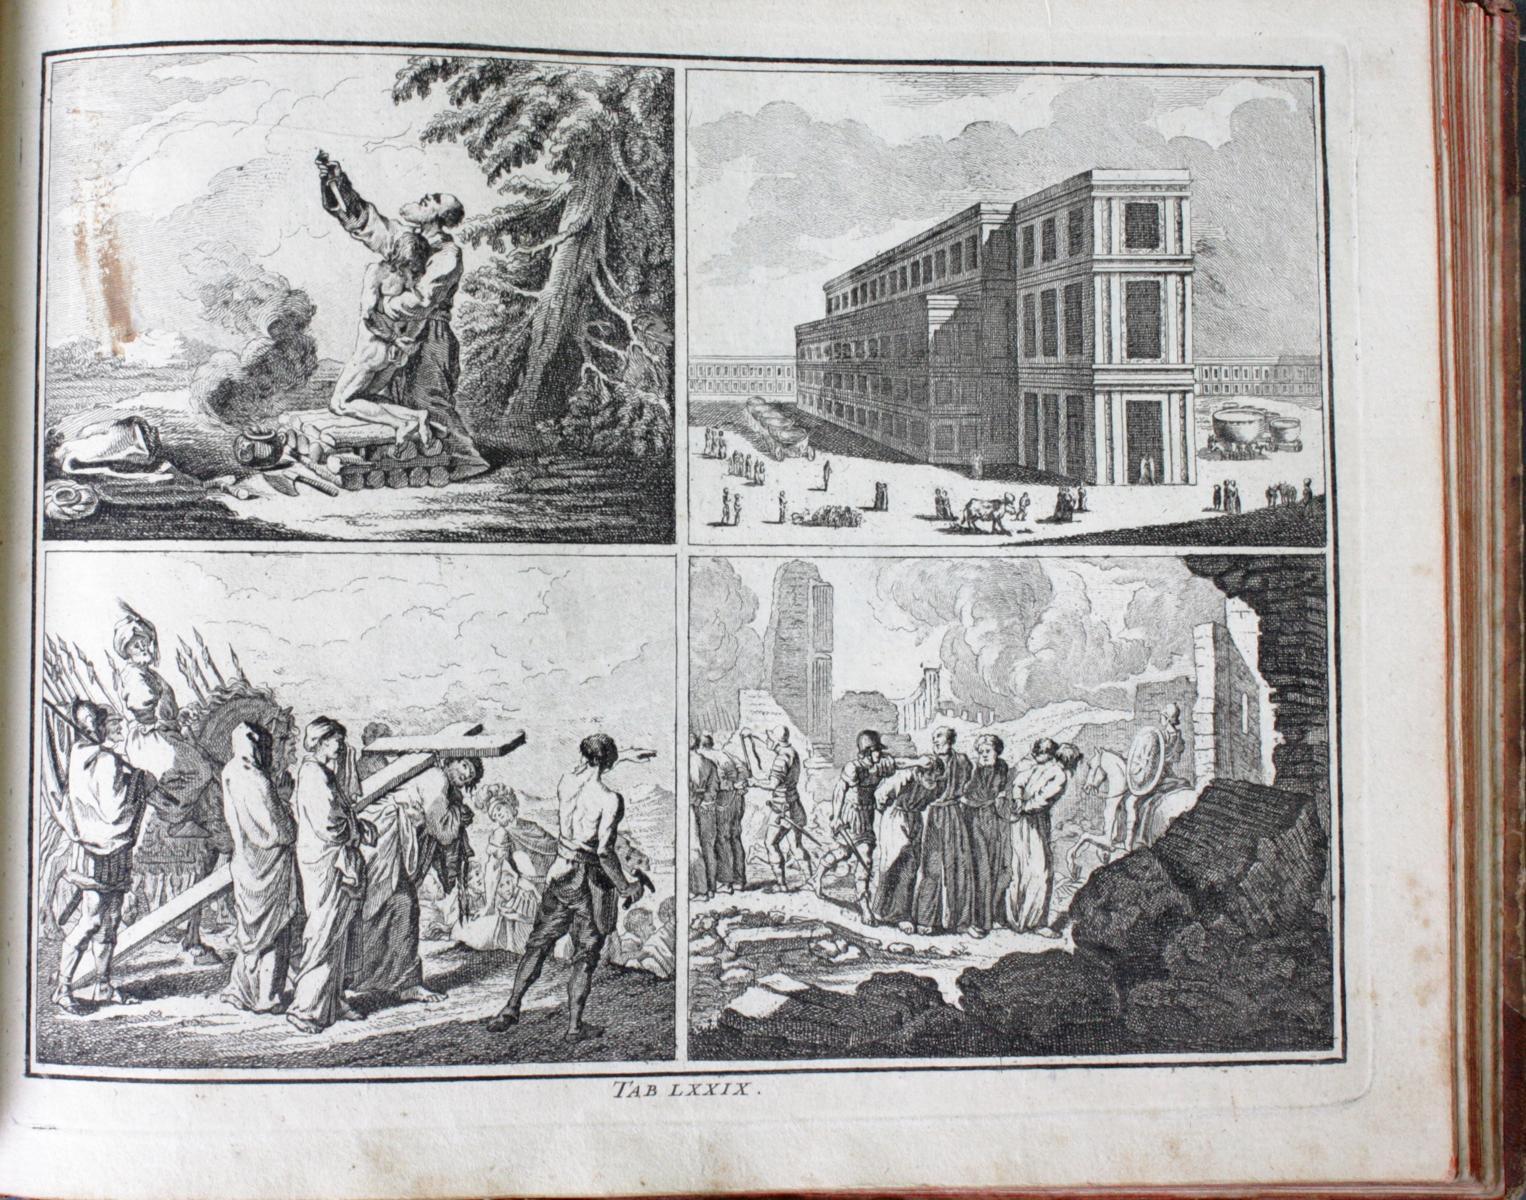 Johann Bernhard Basedow, Kupfersammlung zum Elementarwerk, 1774-11